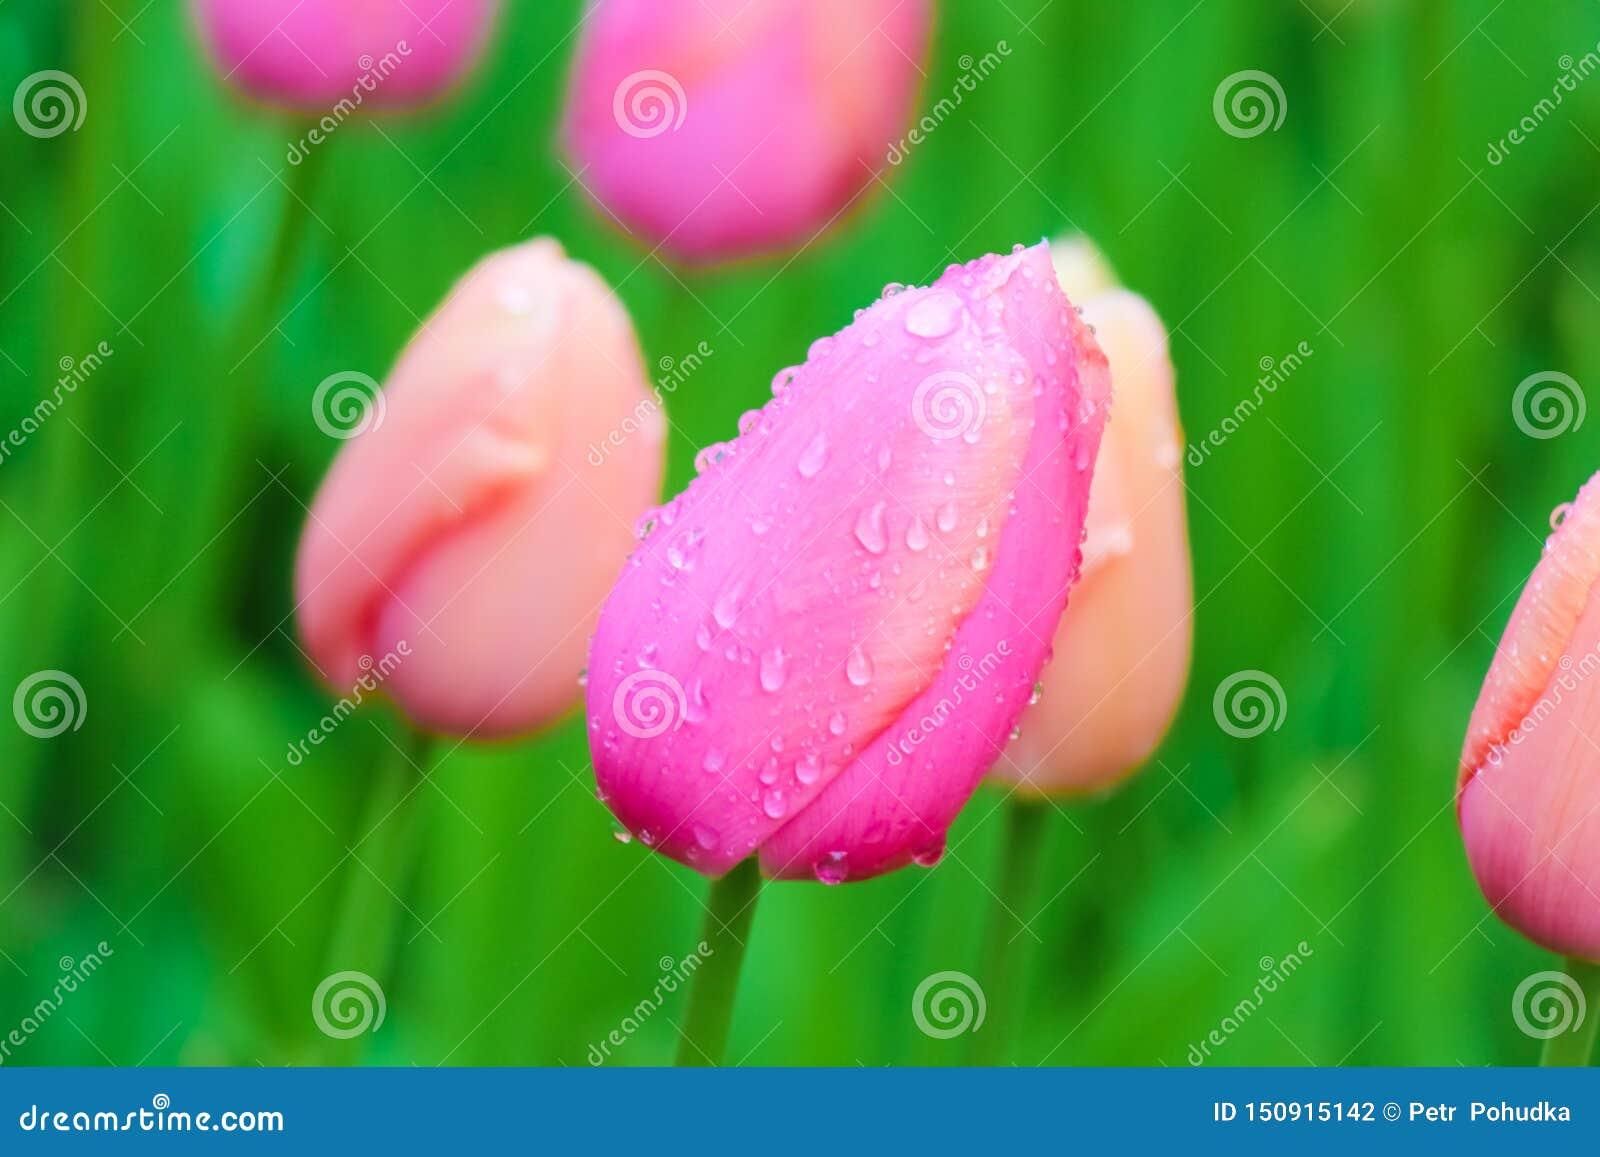 Macrobloembeeld van jonge roze tulp met vage groene achtergrond Regendruppels, de dalingen van de ochtenddauw op kleurrijke bloem